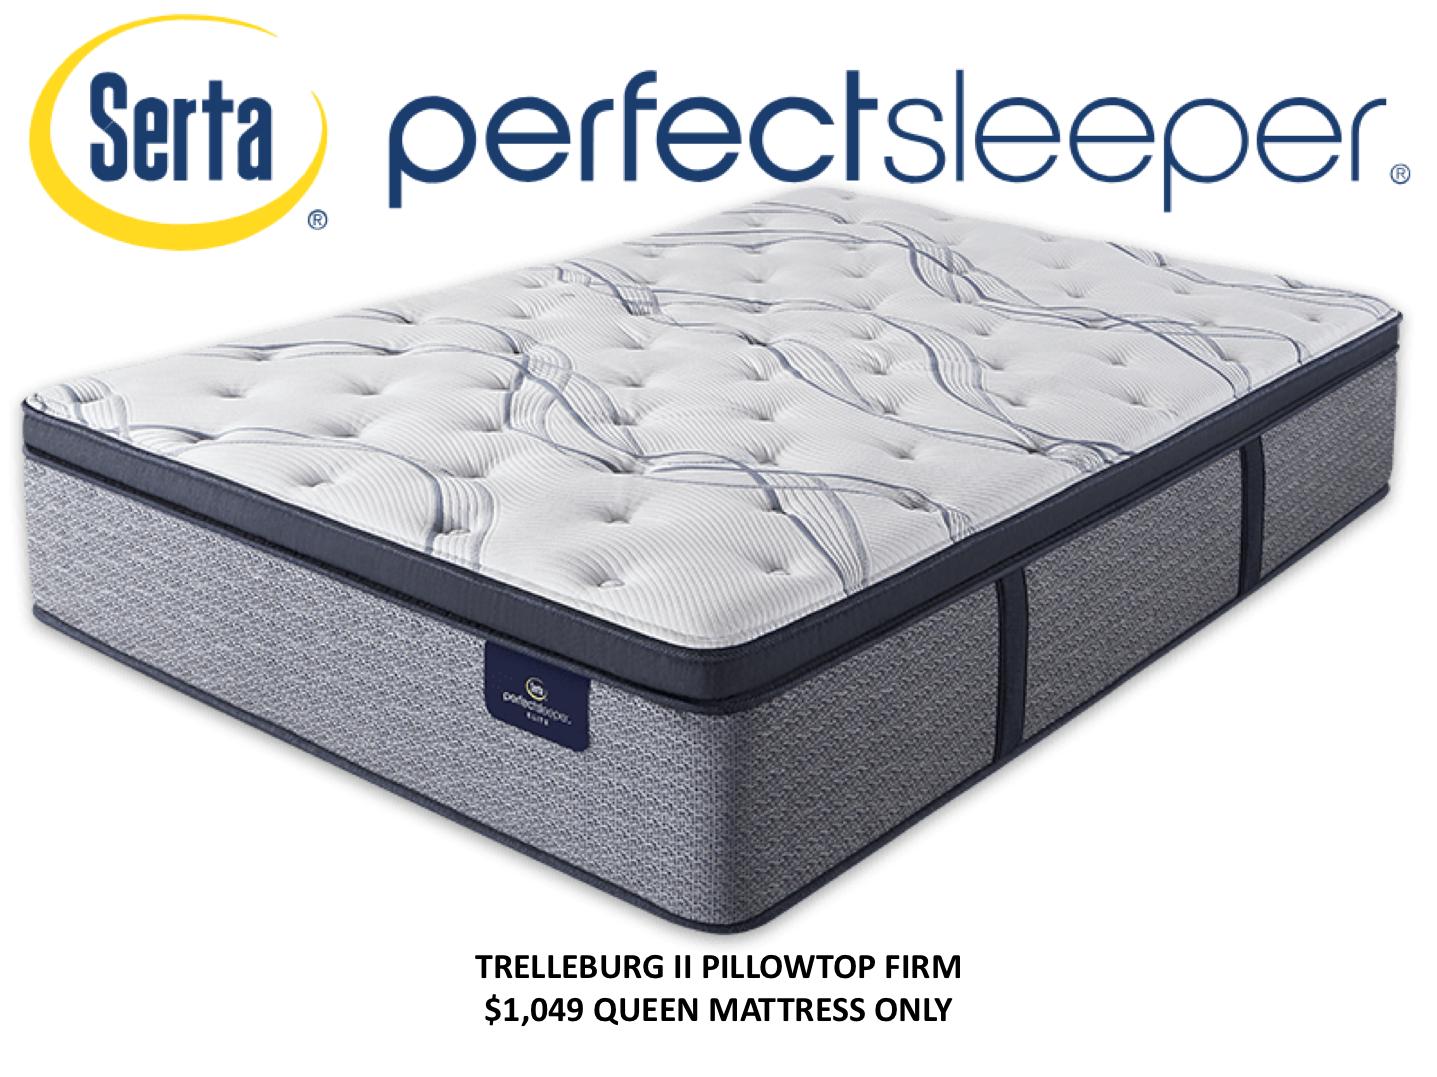 Trelleburg II Pillowtop Firm